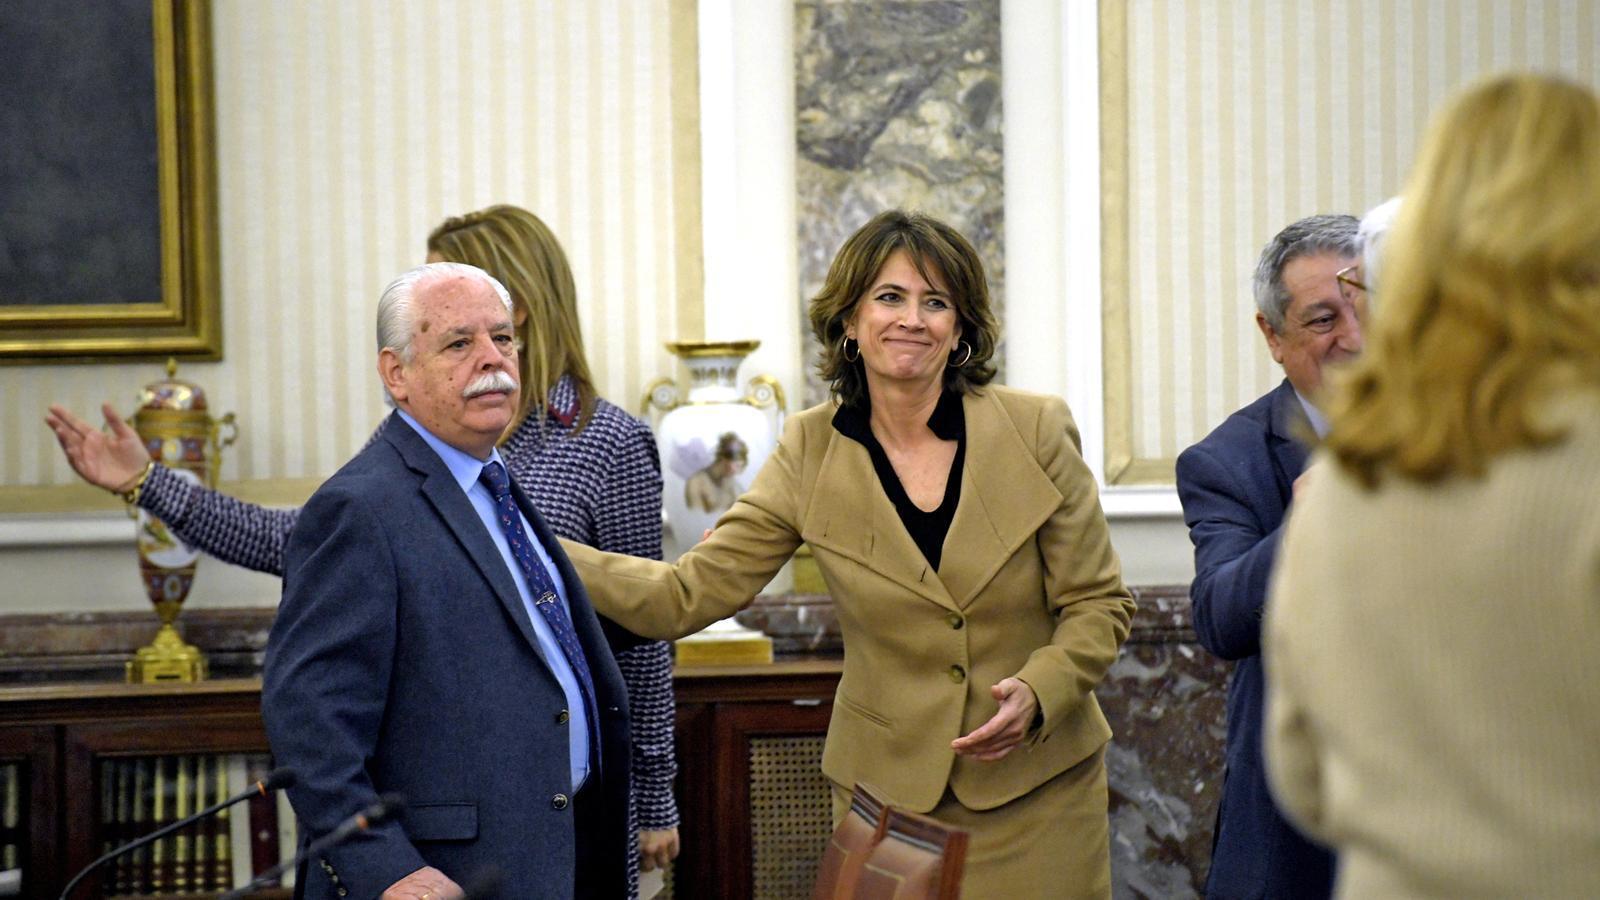 La Fiscalia obre una investigació sobre les pressions a Navajas perquè acusés el govern espanyol per la pandèmia